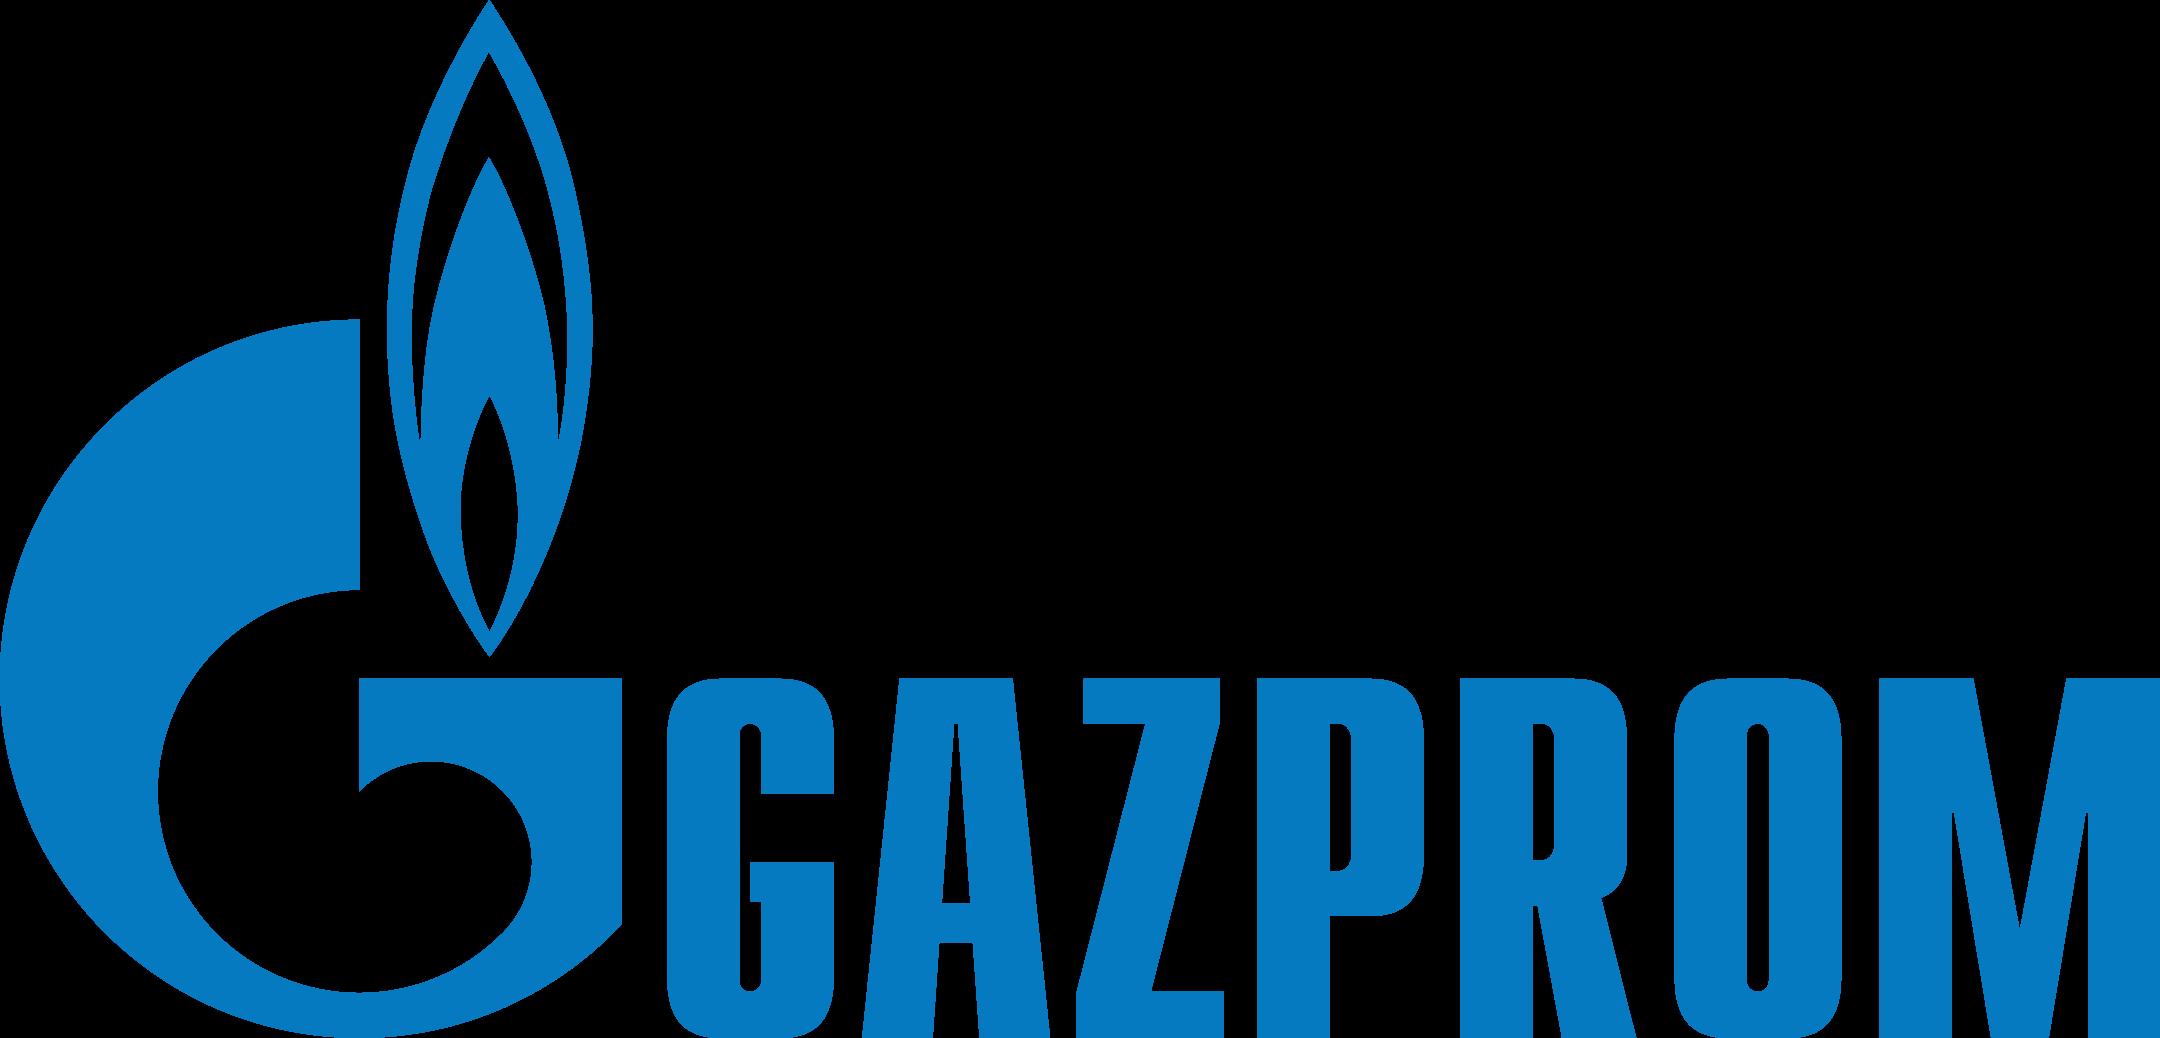 gazprom logo 1 - Gazprom Logo